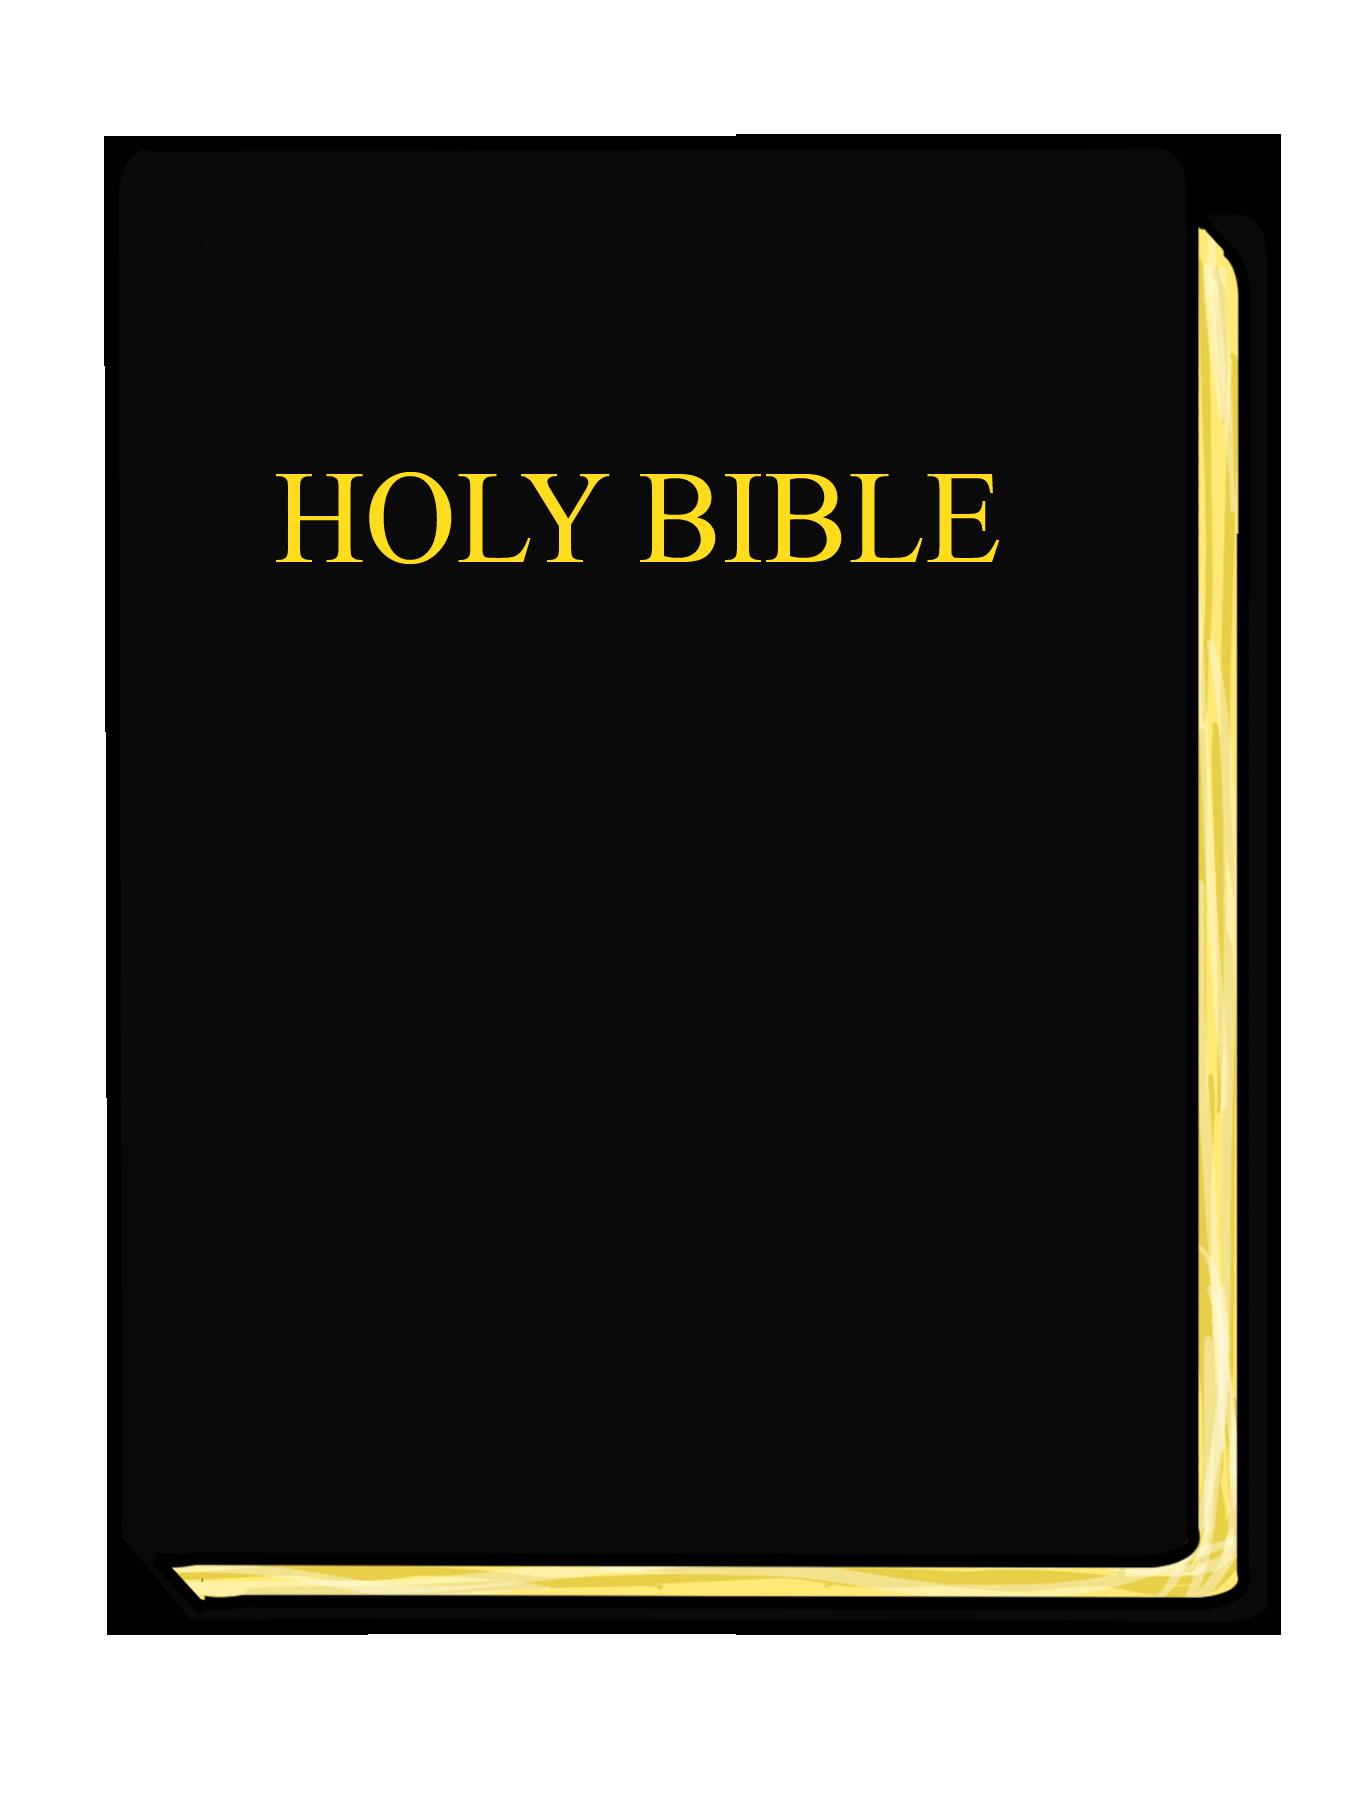 Free bible clip art images clipartix 3